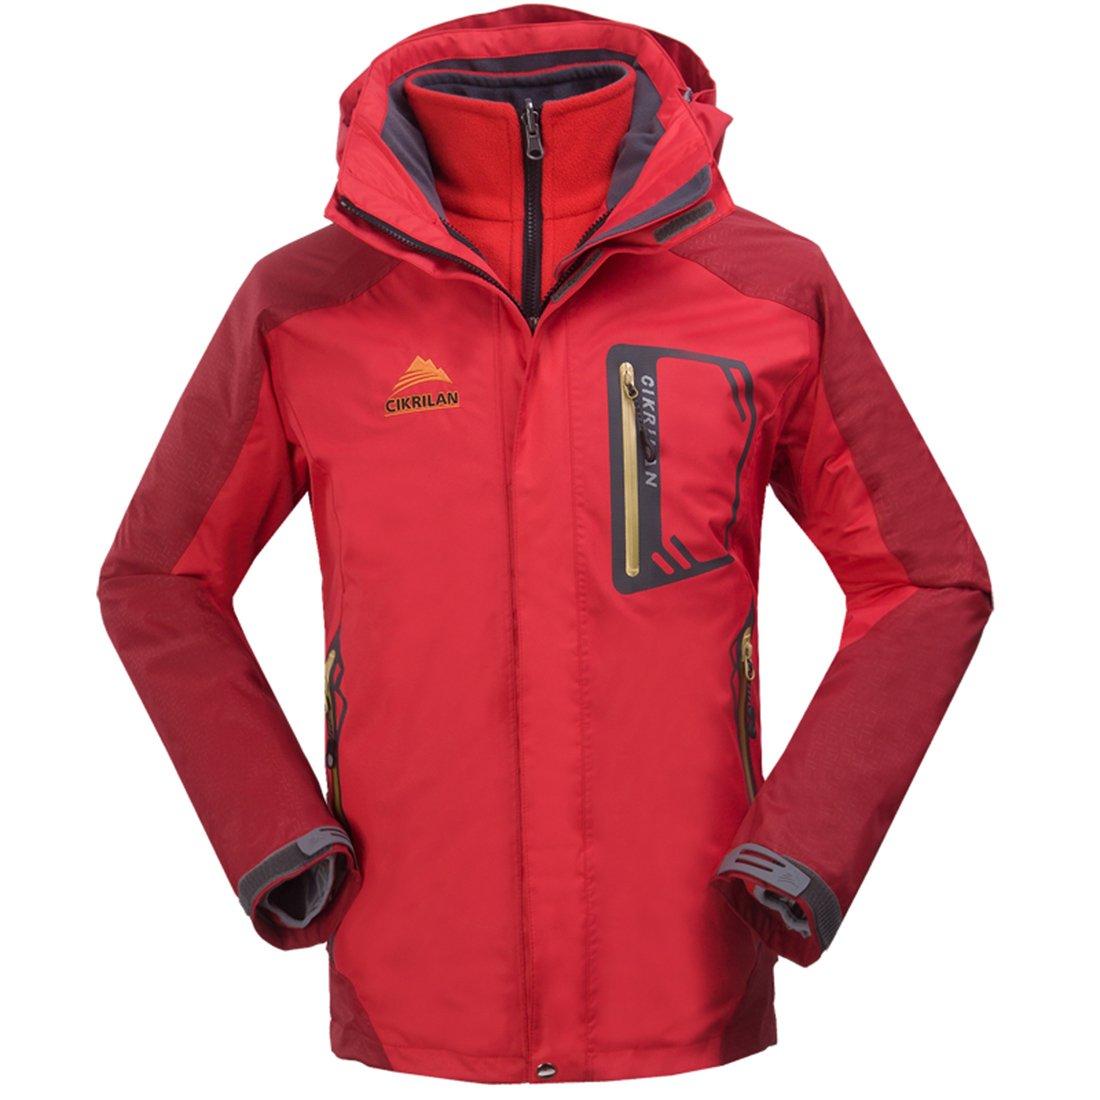 CIKRILAN Men's 3in1 Windproof Waterproof Outdoor Jacket Coat Camp Hiking Travel topway CKL2189